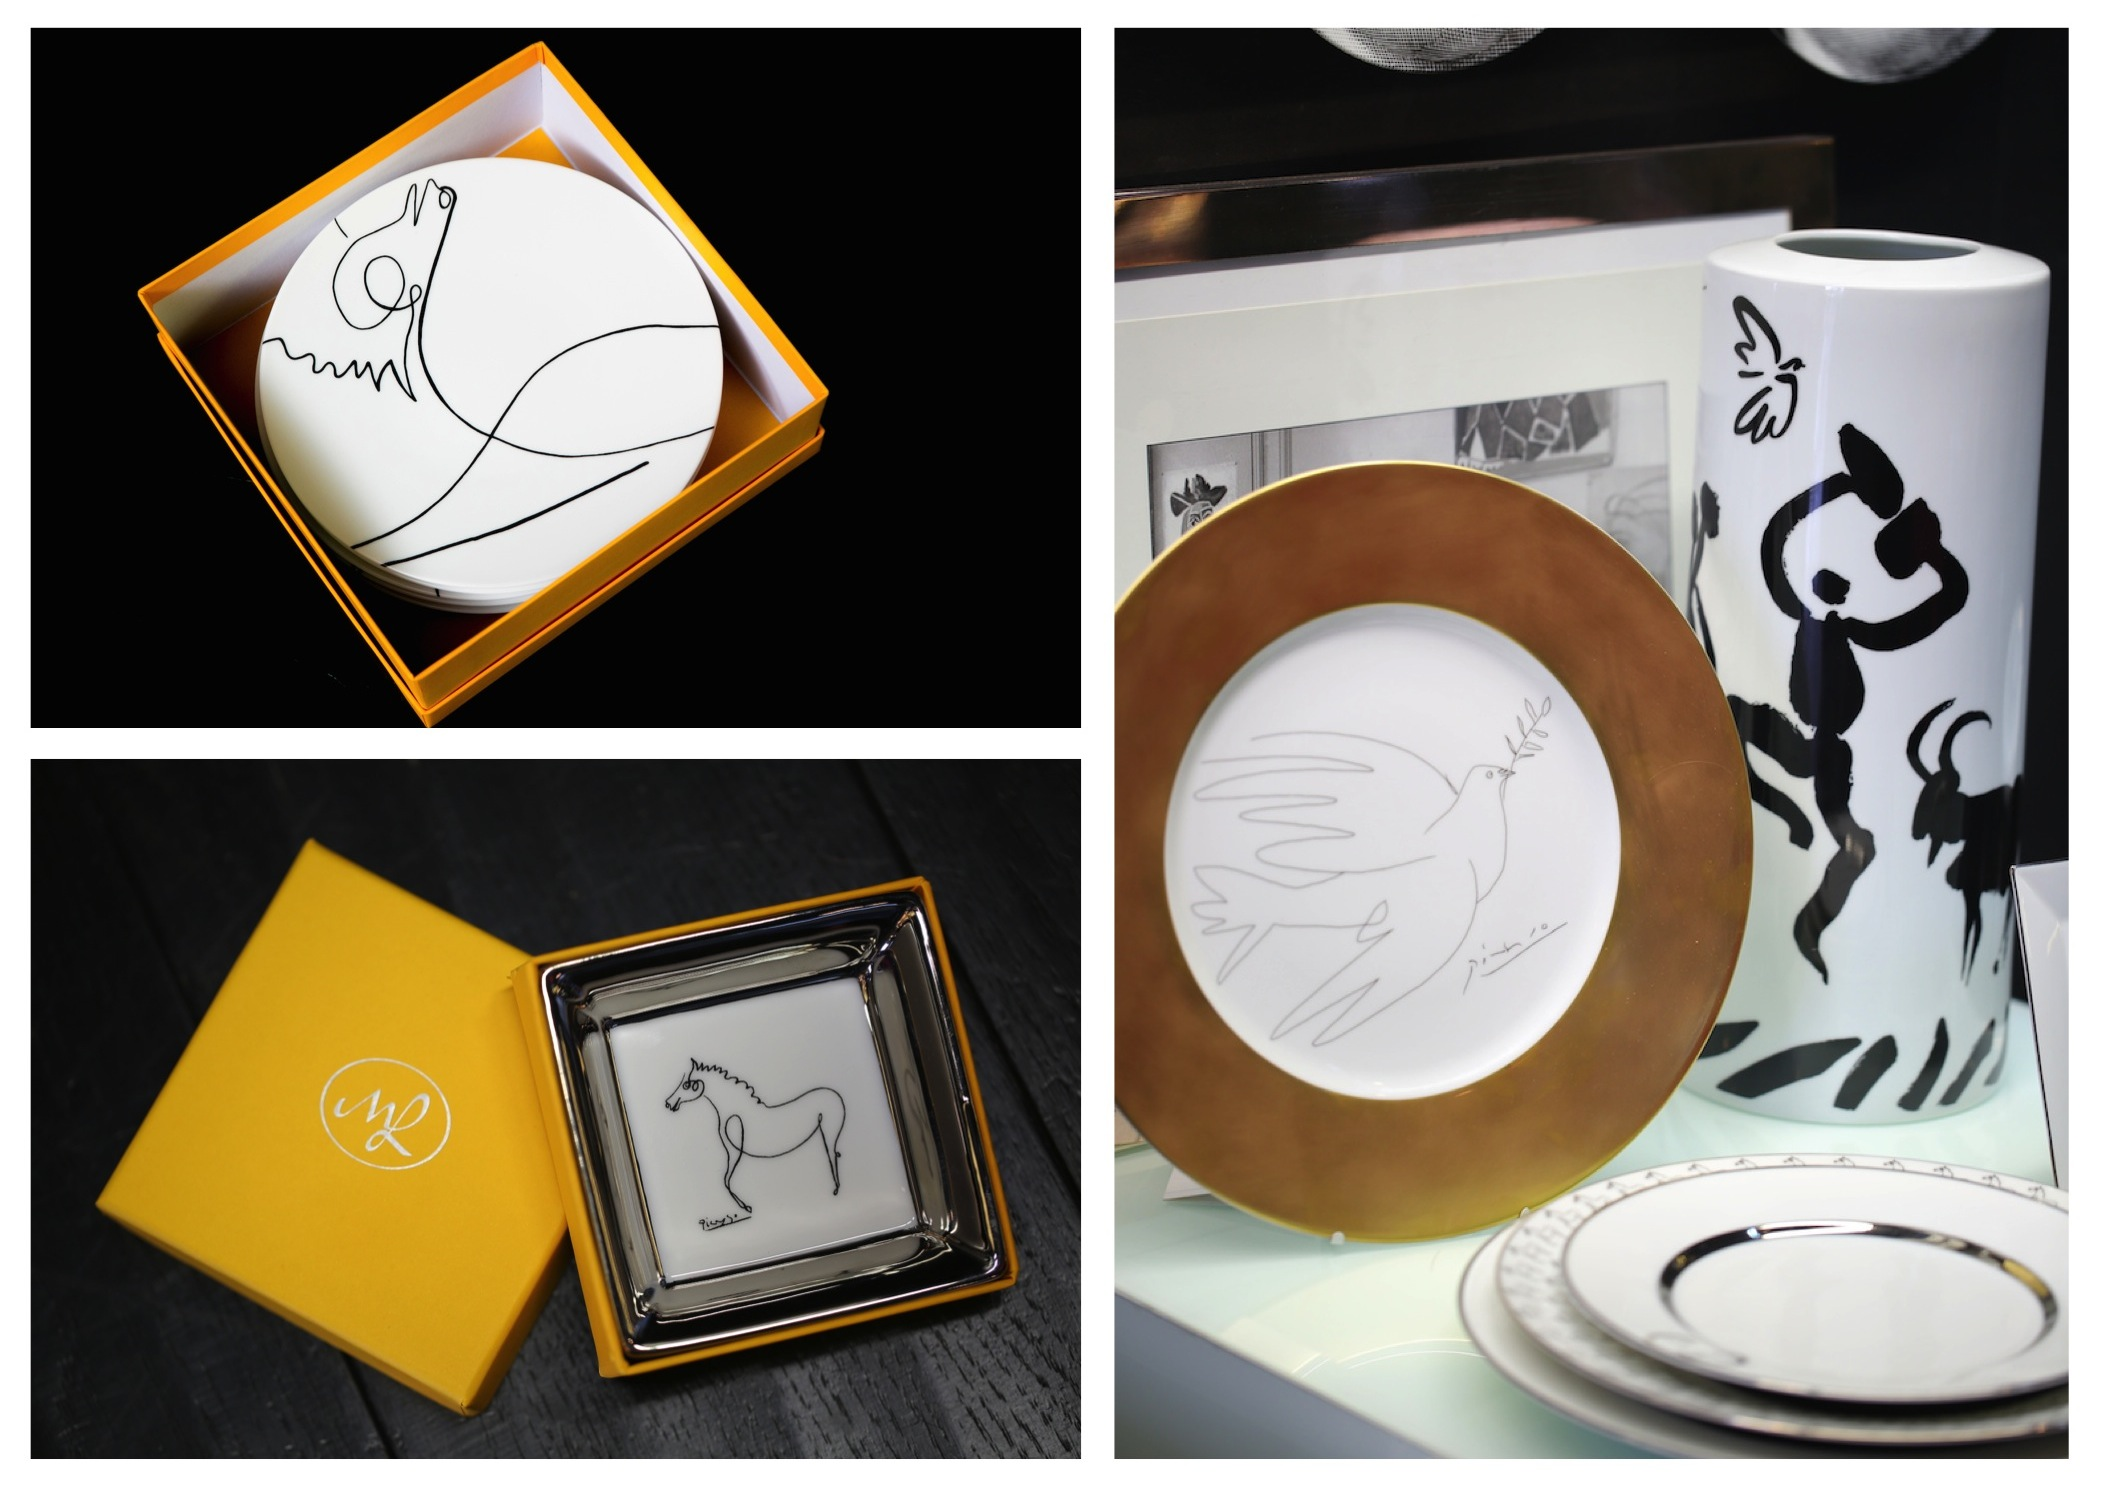 Эксклюзивная посуда с рисунками Пикассо в бутиках Renby